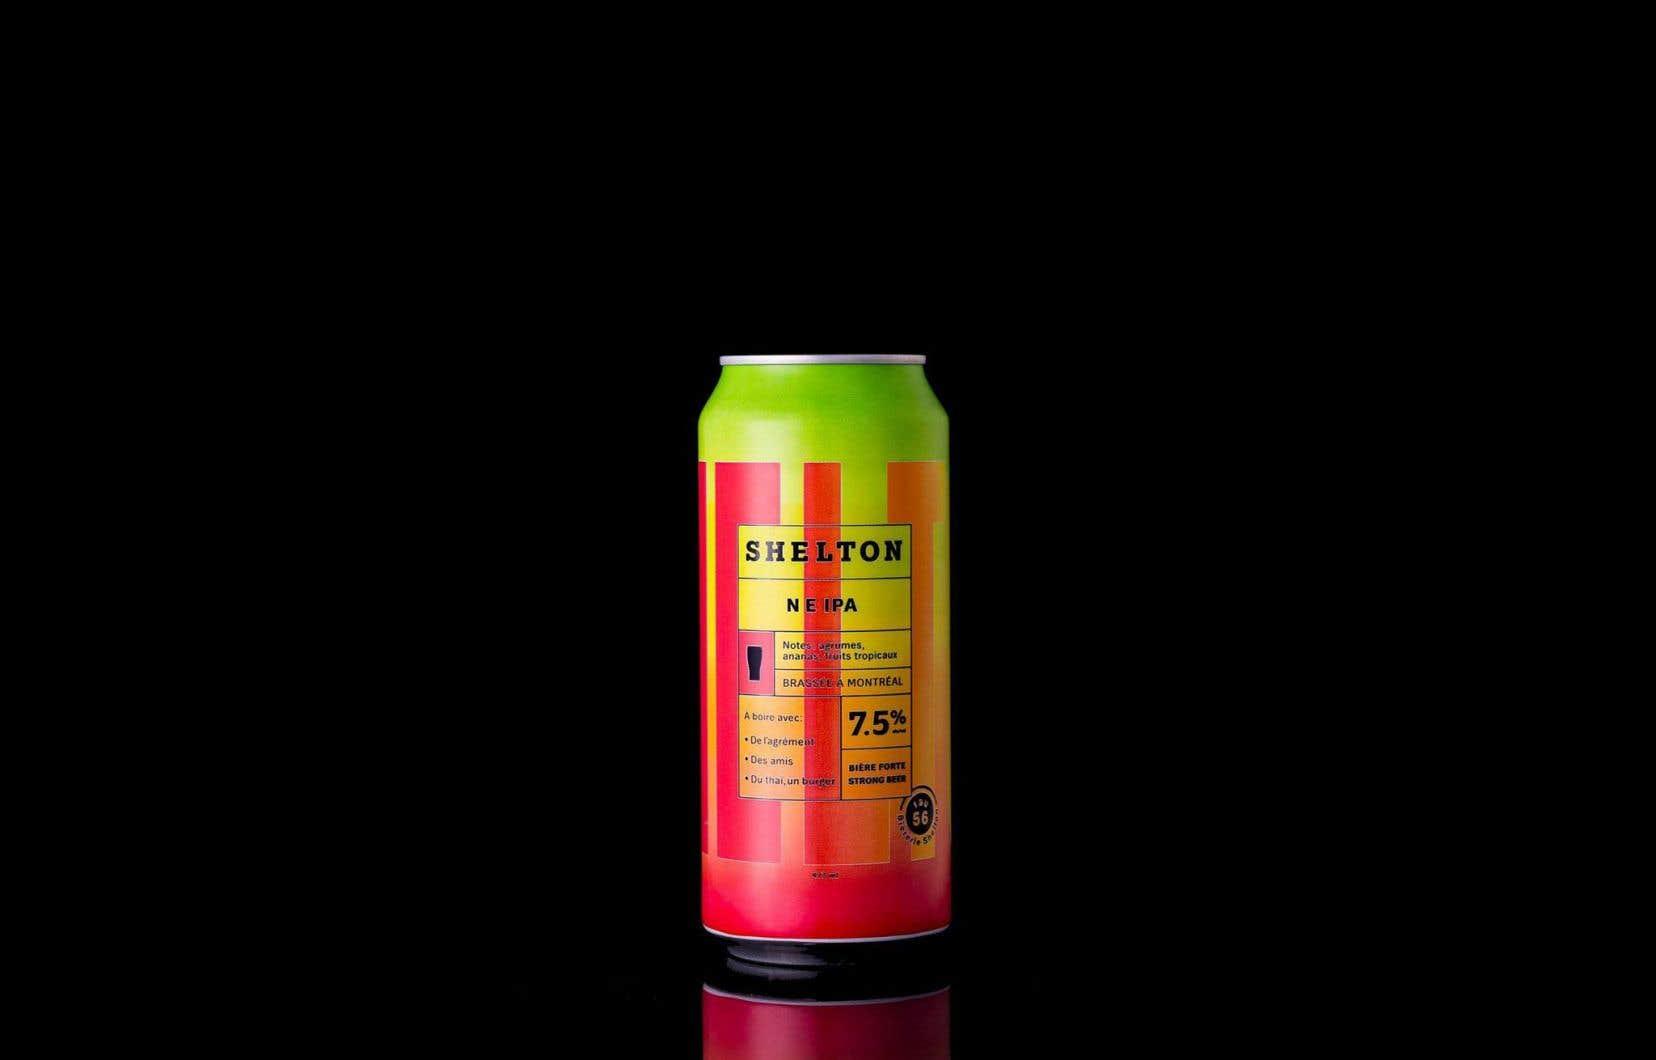 Un an à peine après avoir commercialisé sa première bière, le brasseur Darryl Shelton, de Bièrerie Shelton, s'est déjà fait un nom avec sa recette d'India pale ale: la Shelton IPA, titrant 7,5% d'alcool.